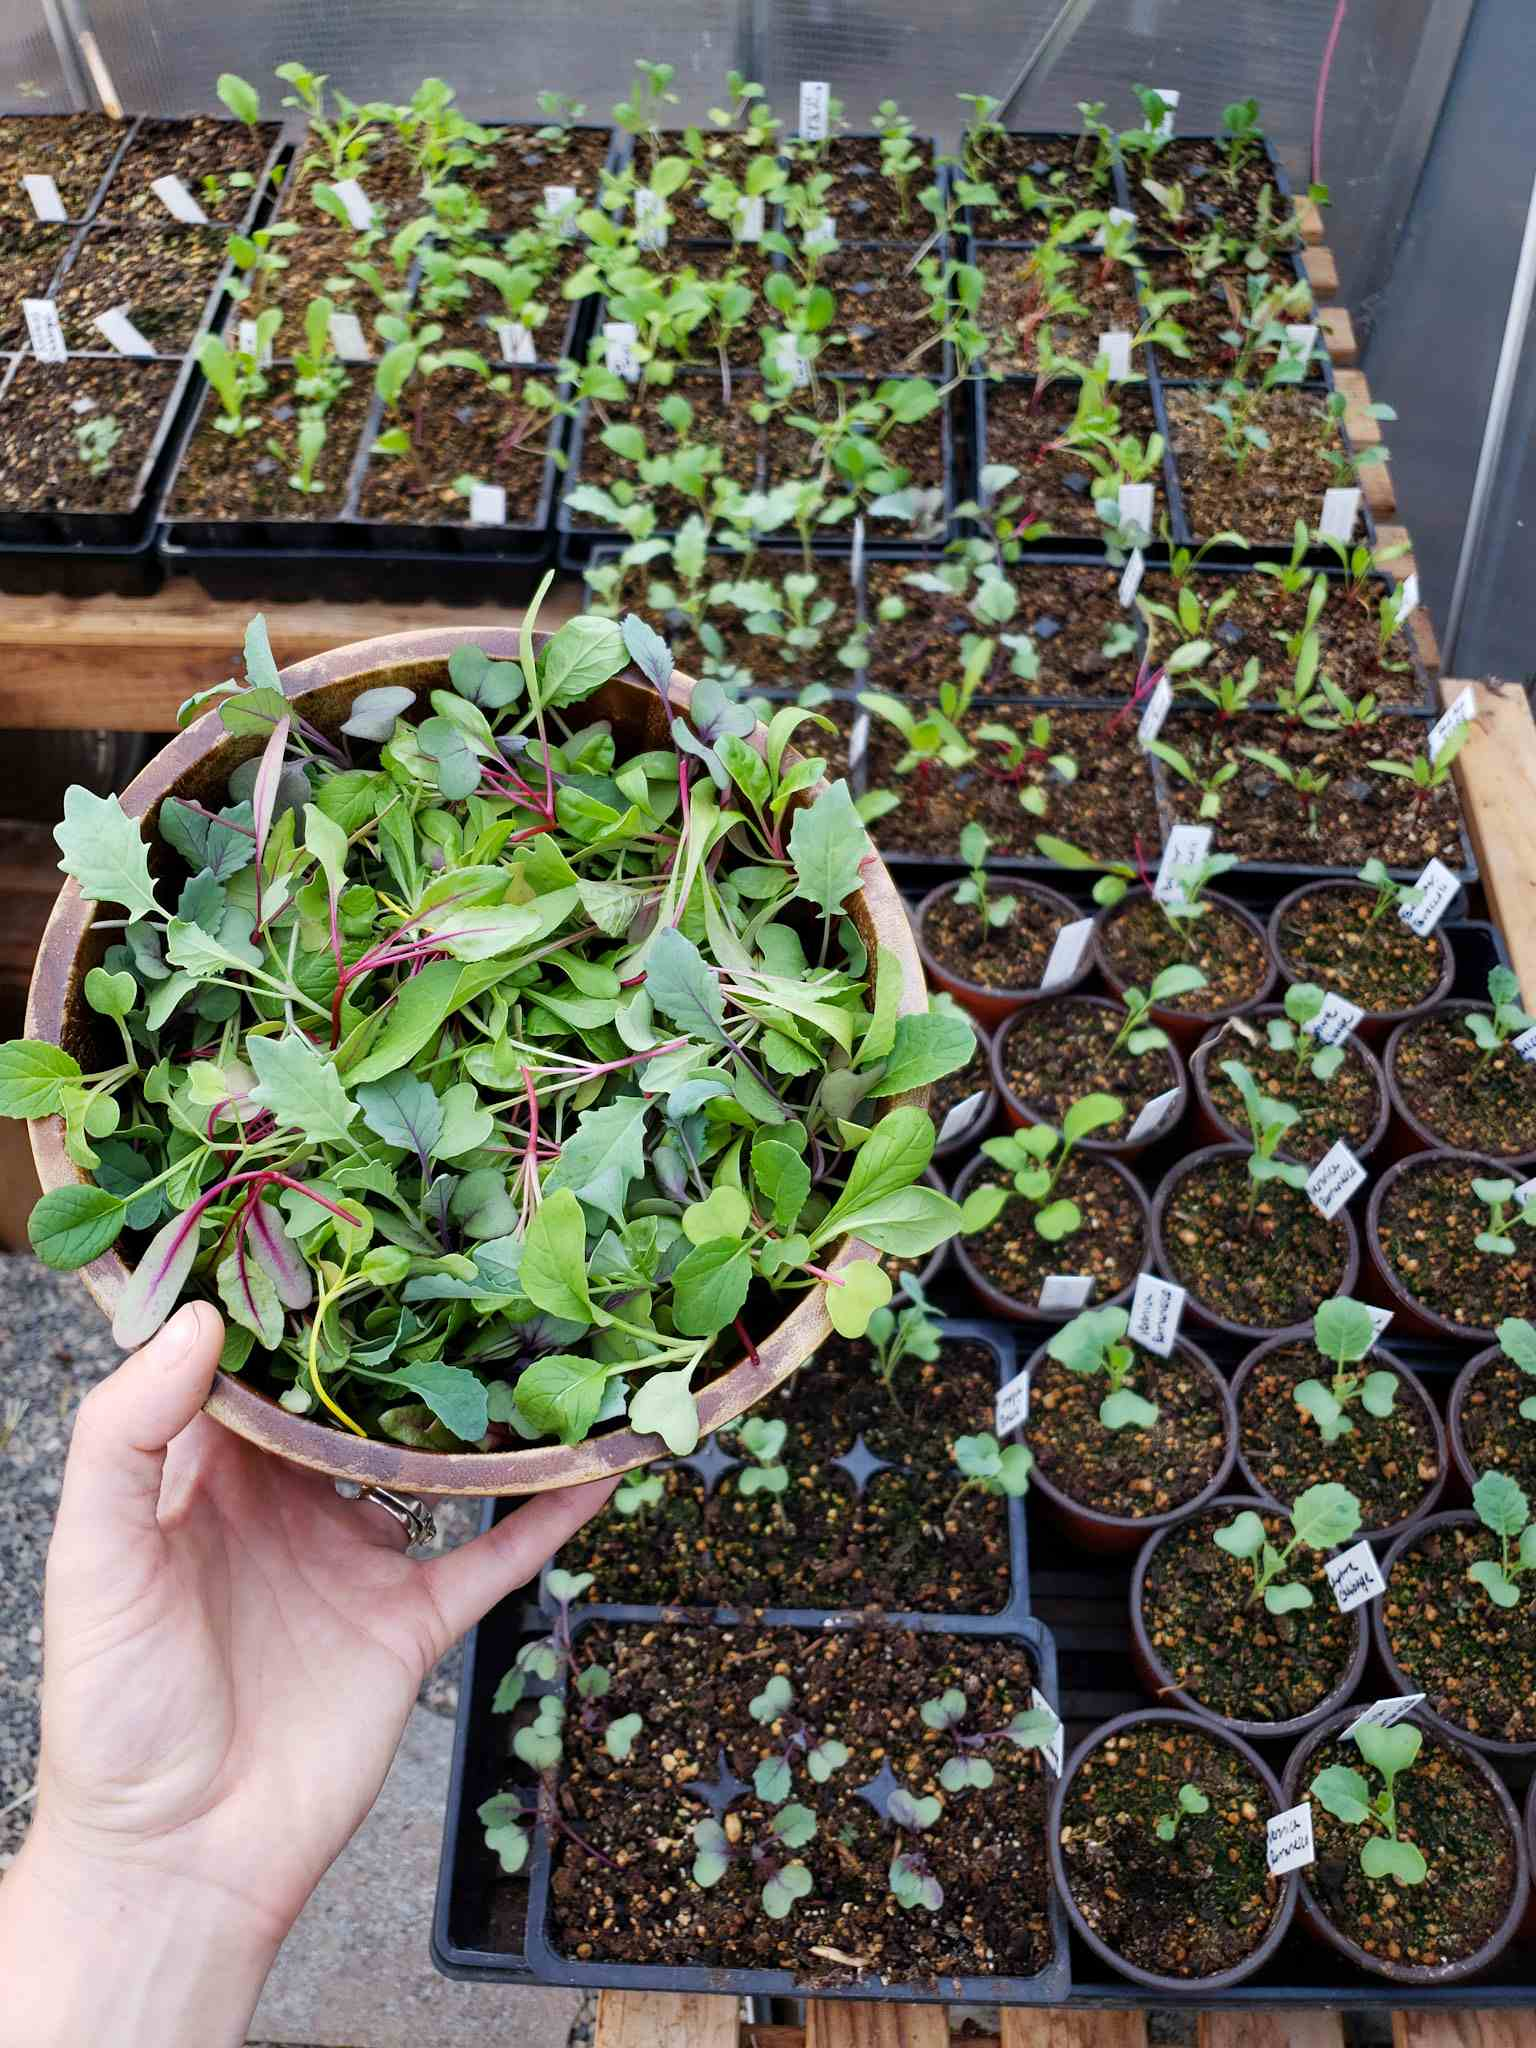 Une main tient un bol en bois plein de plants amincis qui se transforment en micro-verts. Il existe différents plateaux de six semis à cellules qui contiennent un seul semis de légumes ci-dessous. Les plants restants seront plantés dans le jardin une fois assez gros.